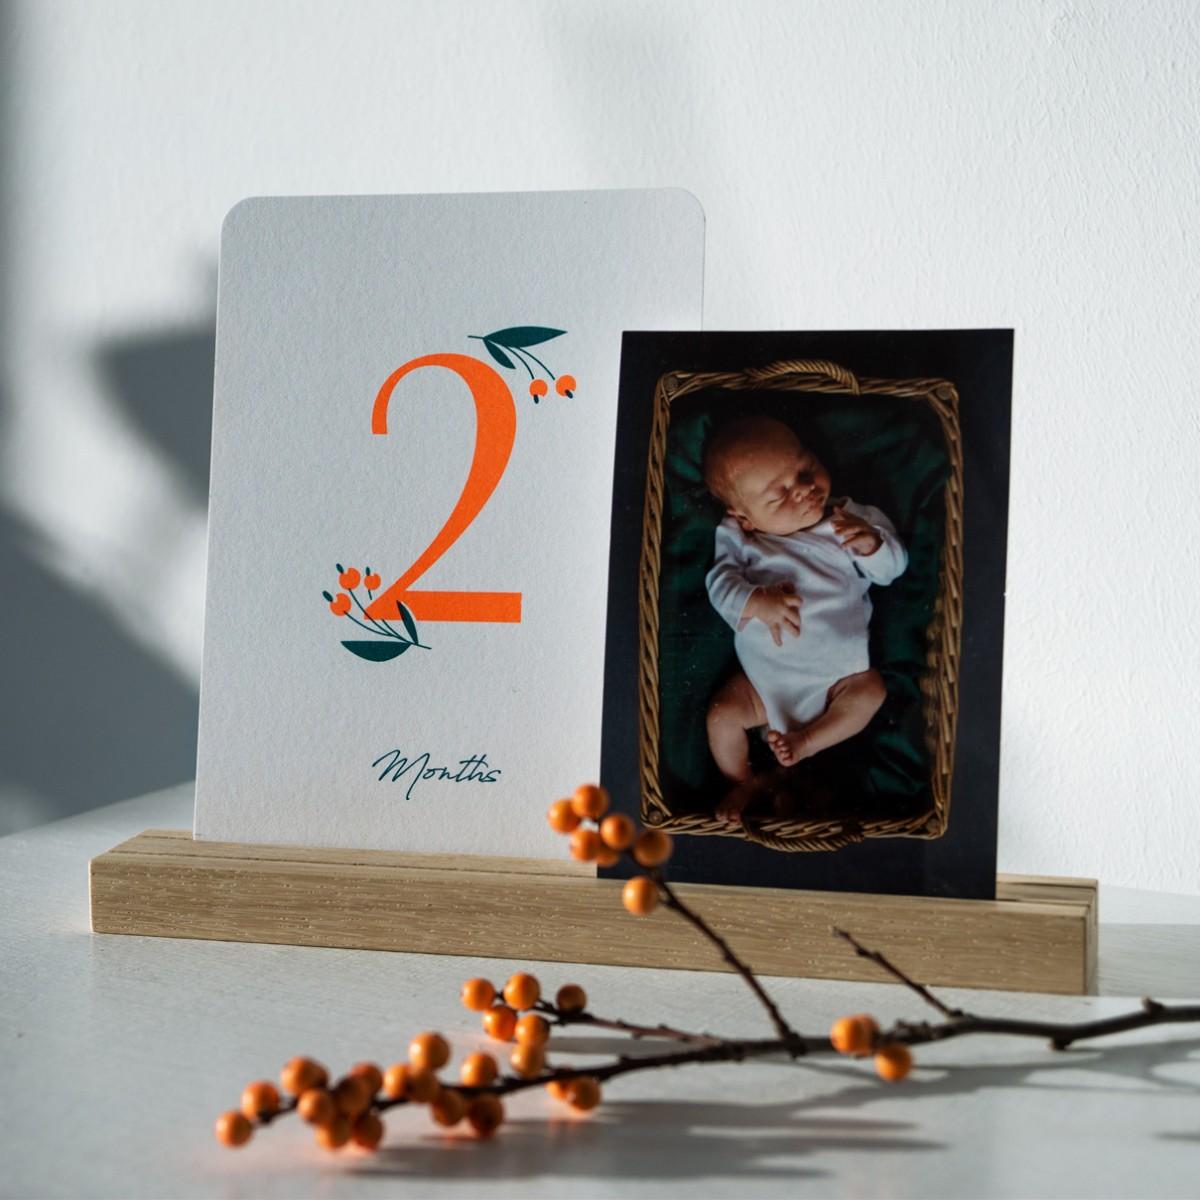 """Geschenkset """"Wild Flower"""" zur Geburt: Meilensteinkarten + passende Bilderleiste aus Eiche + Glückwunschkarte, Risographie Art Print"""